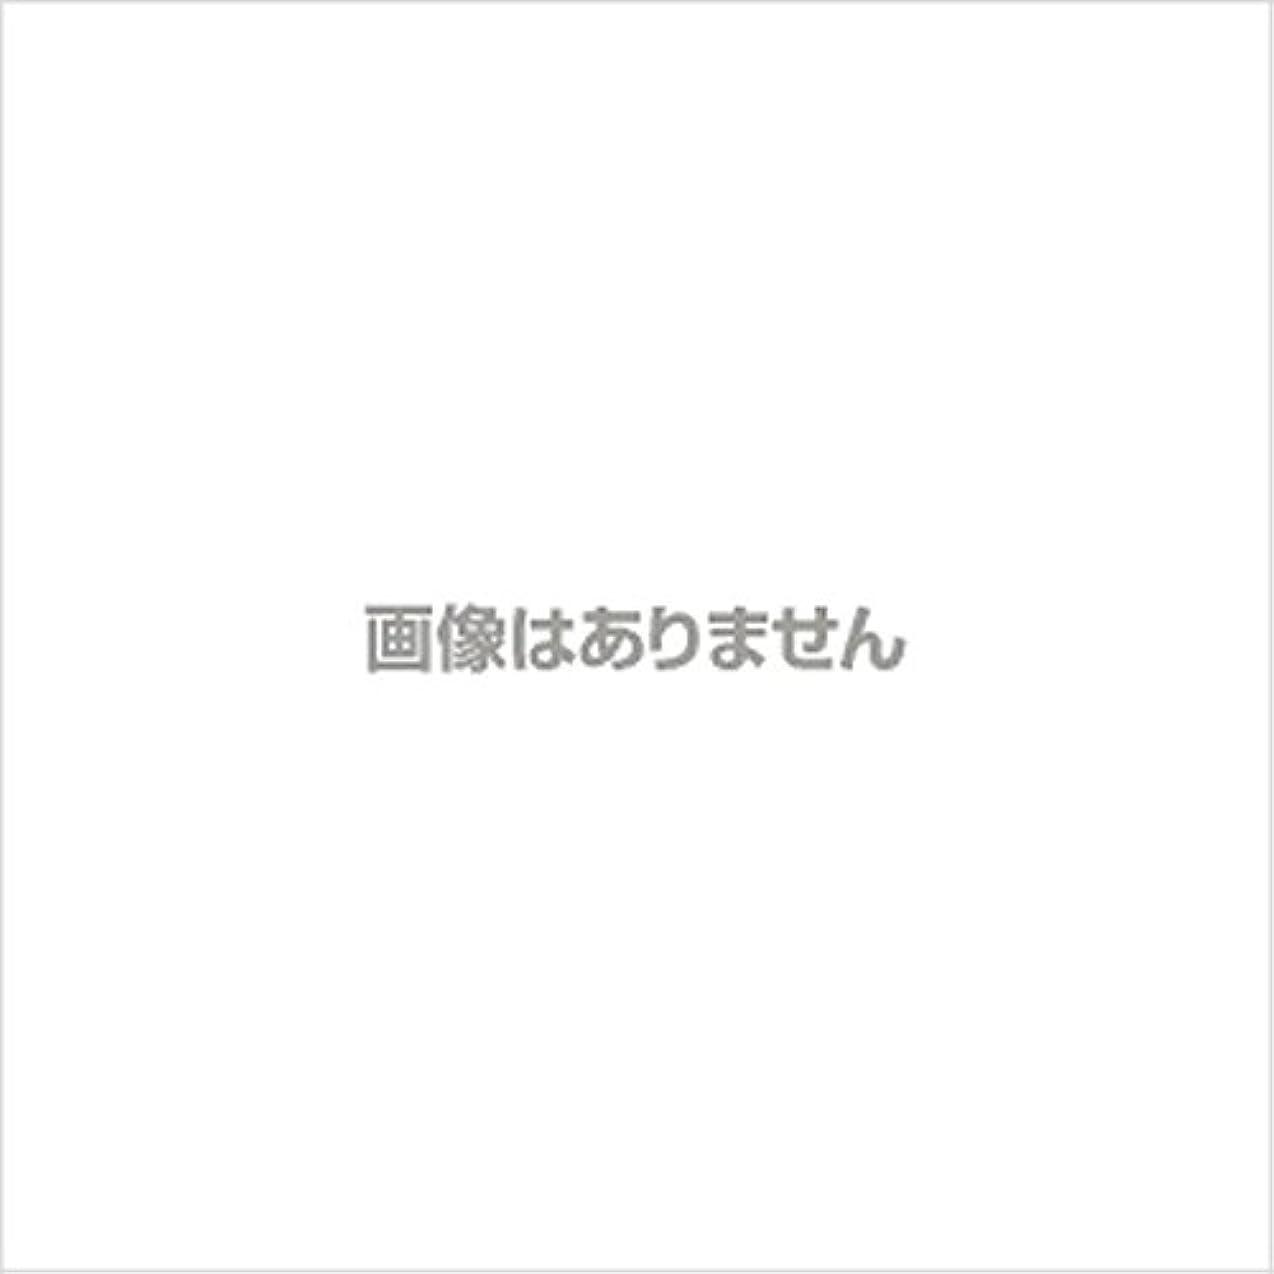 理想的雑草スロットプラスチックグローブNO.3000 S